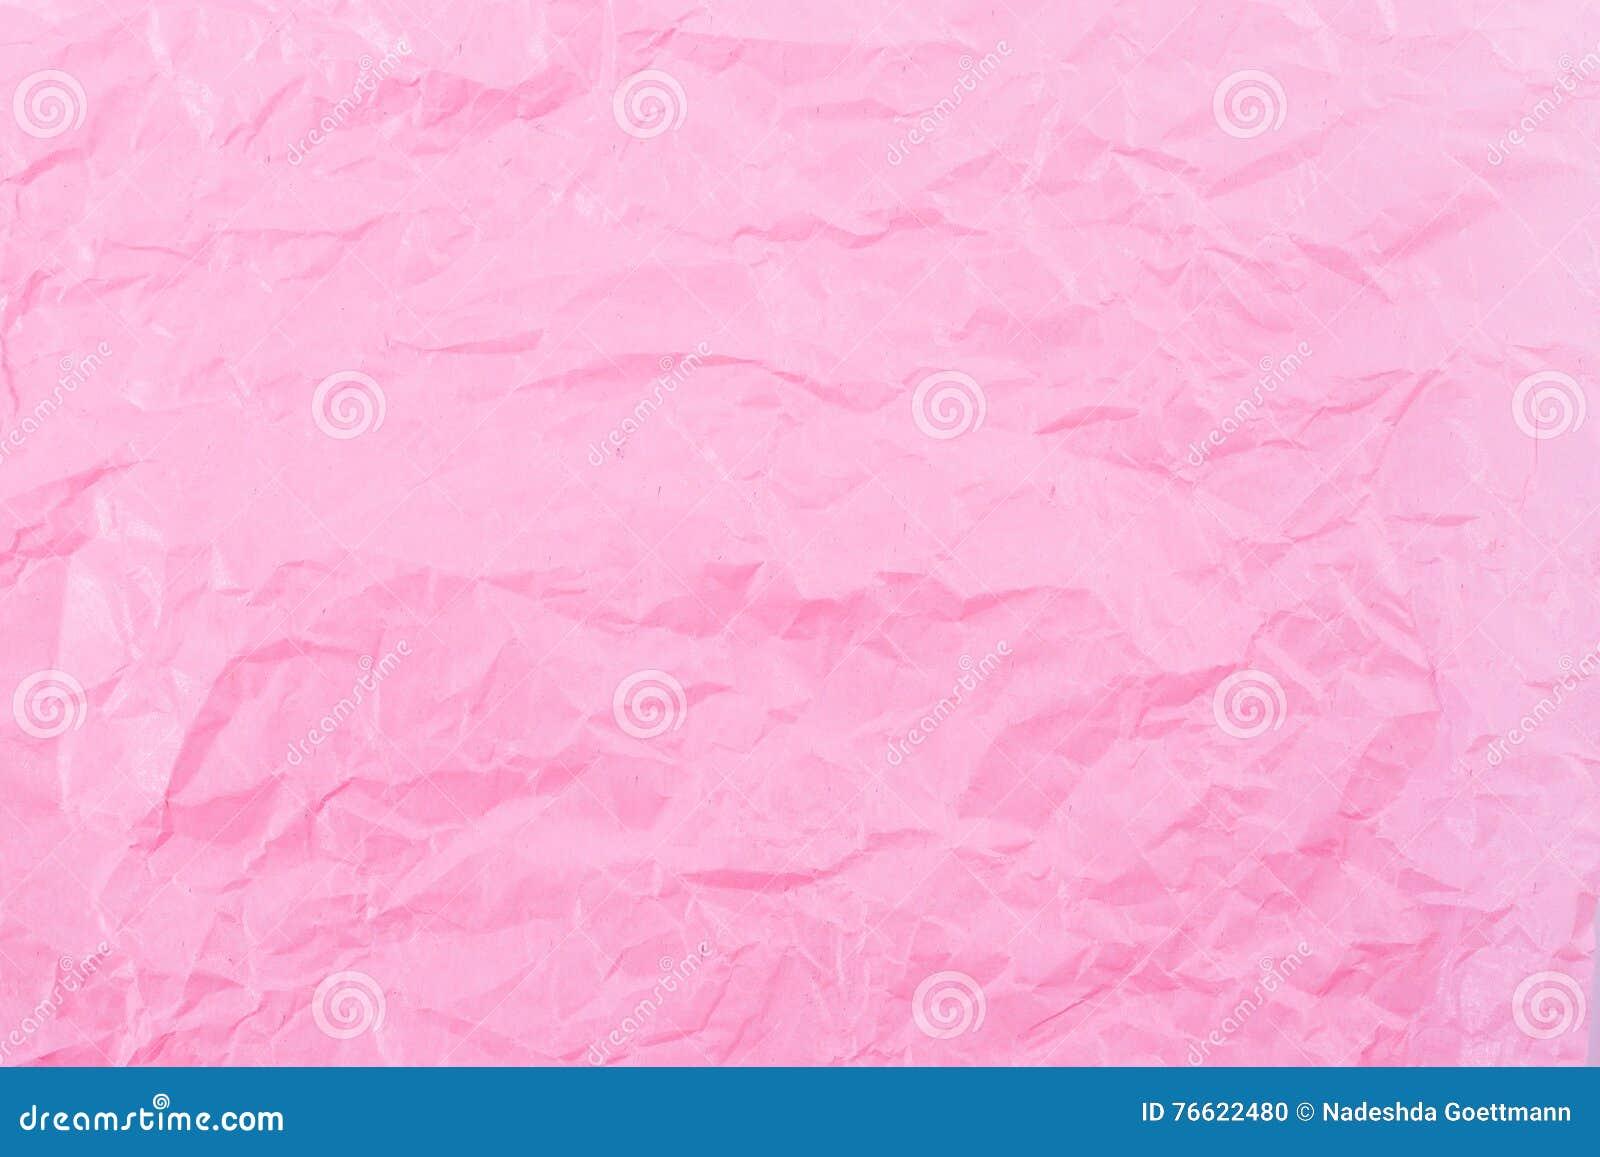 桃红色纸起皱纹的背景